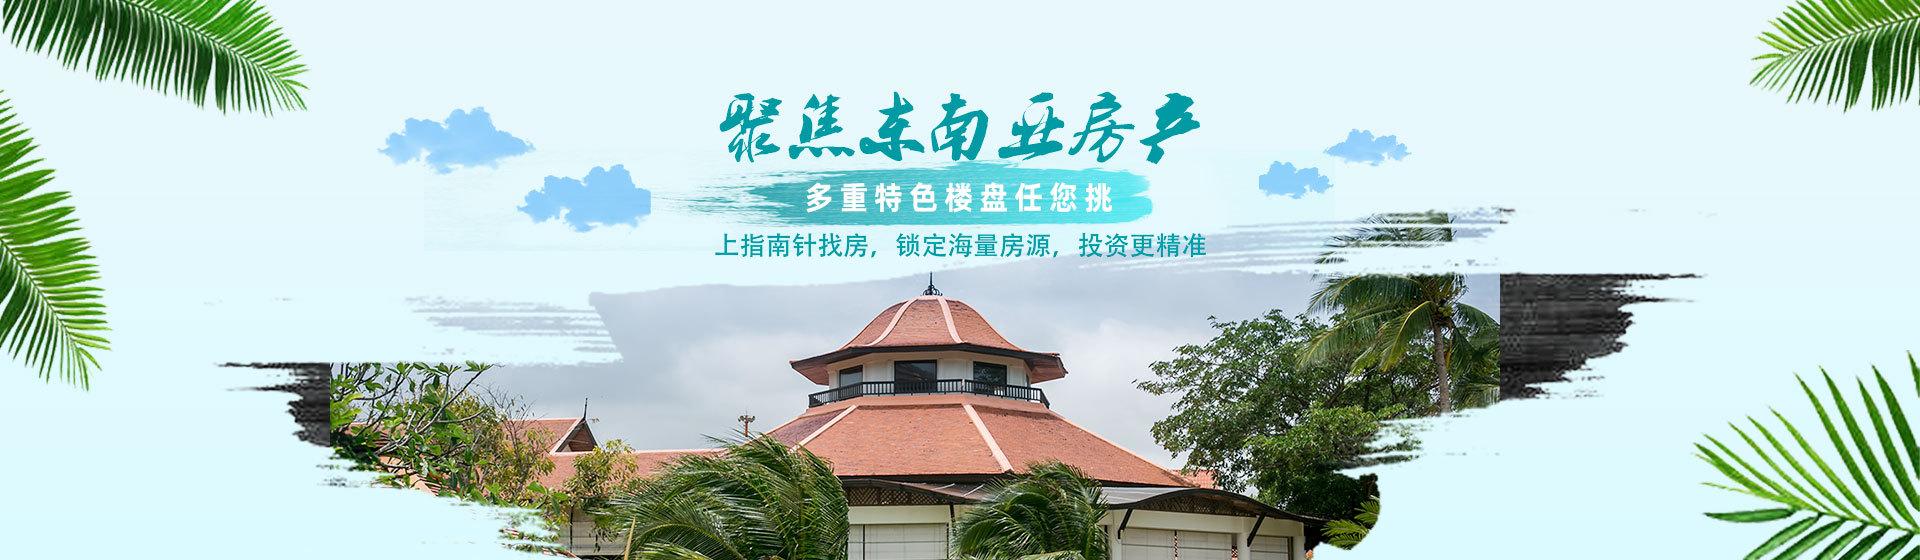 聚焦东南亚房产中文 PC顶部